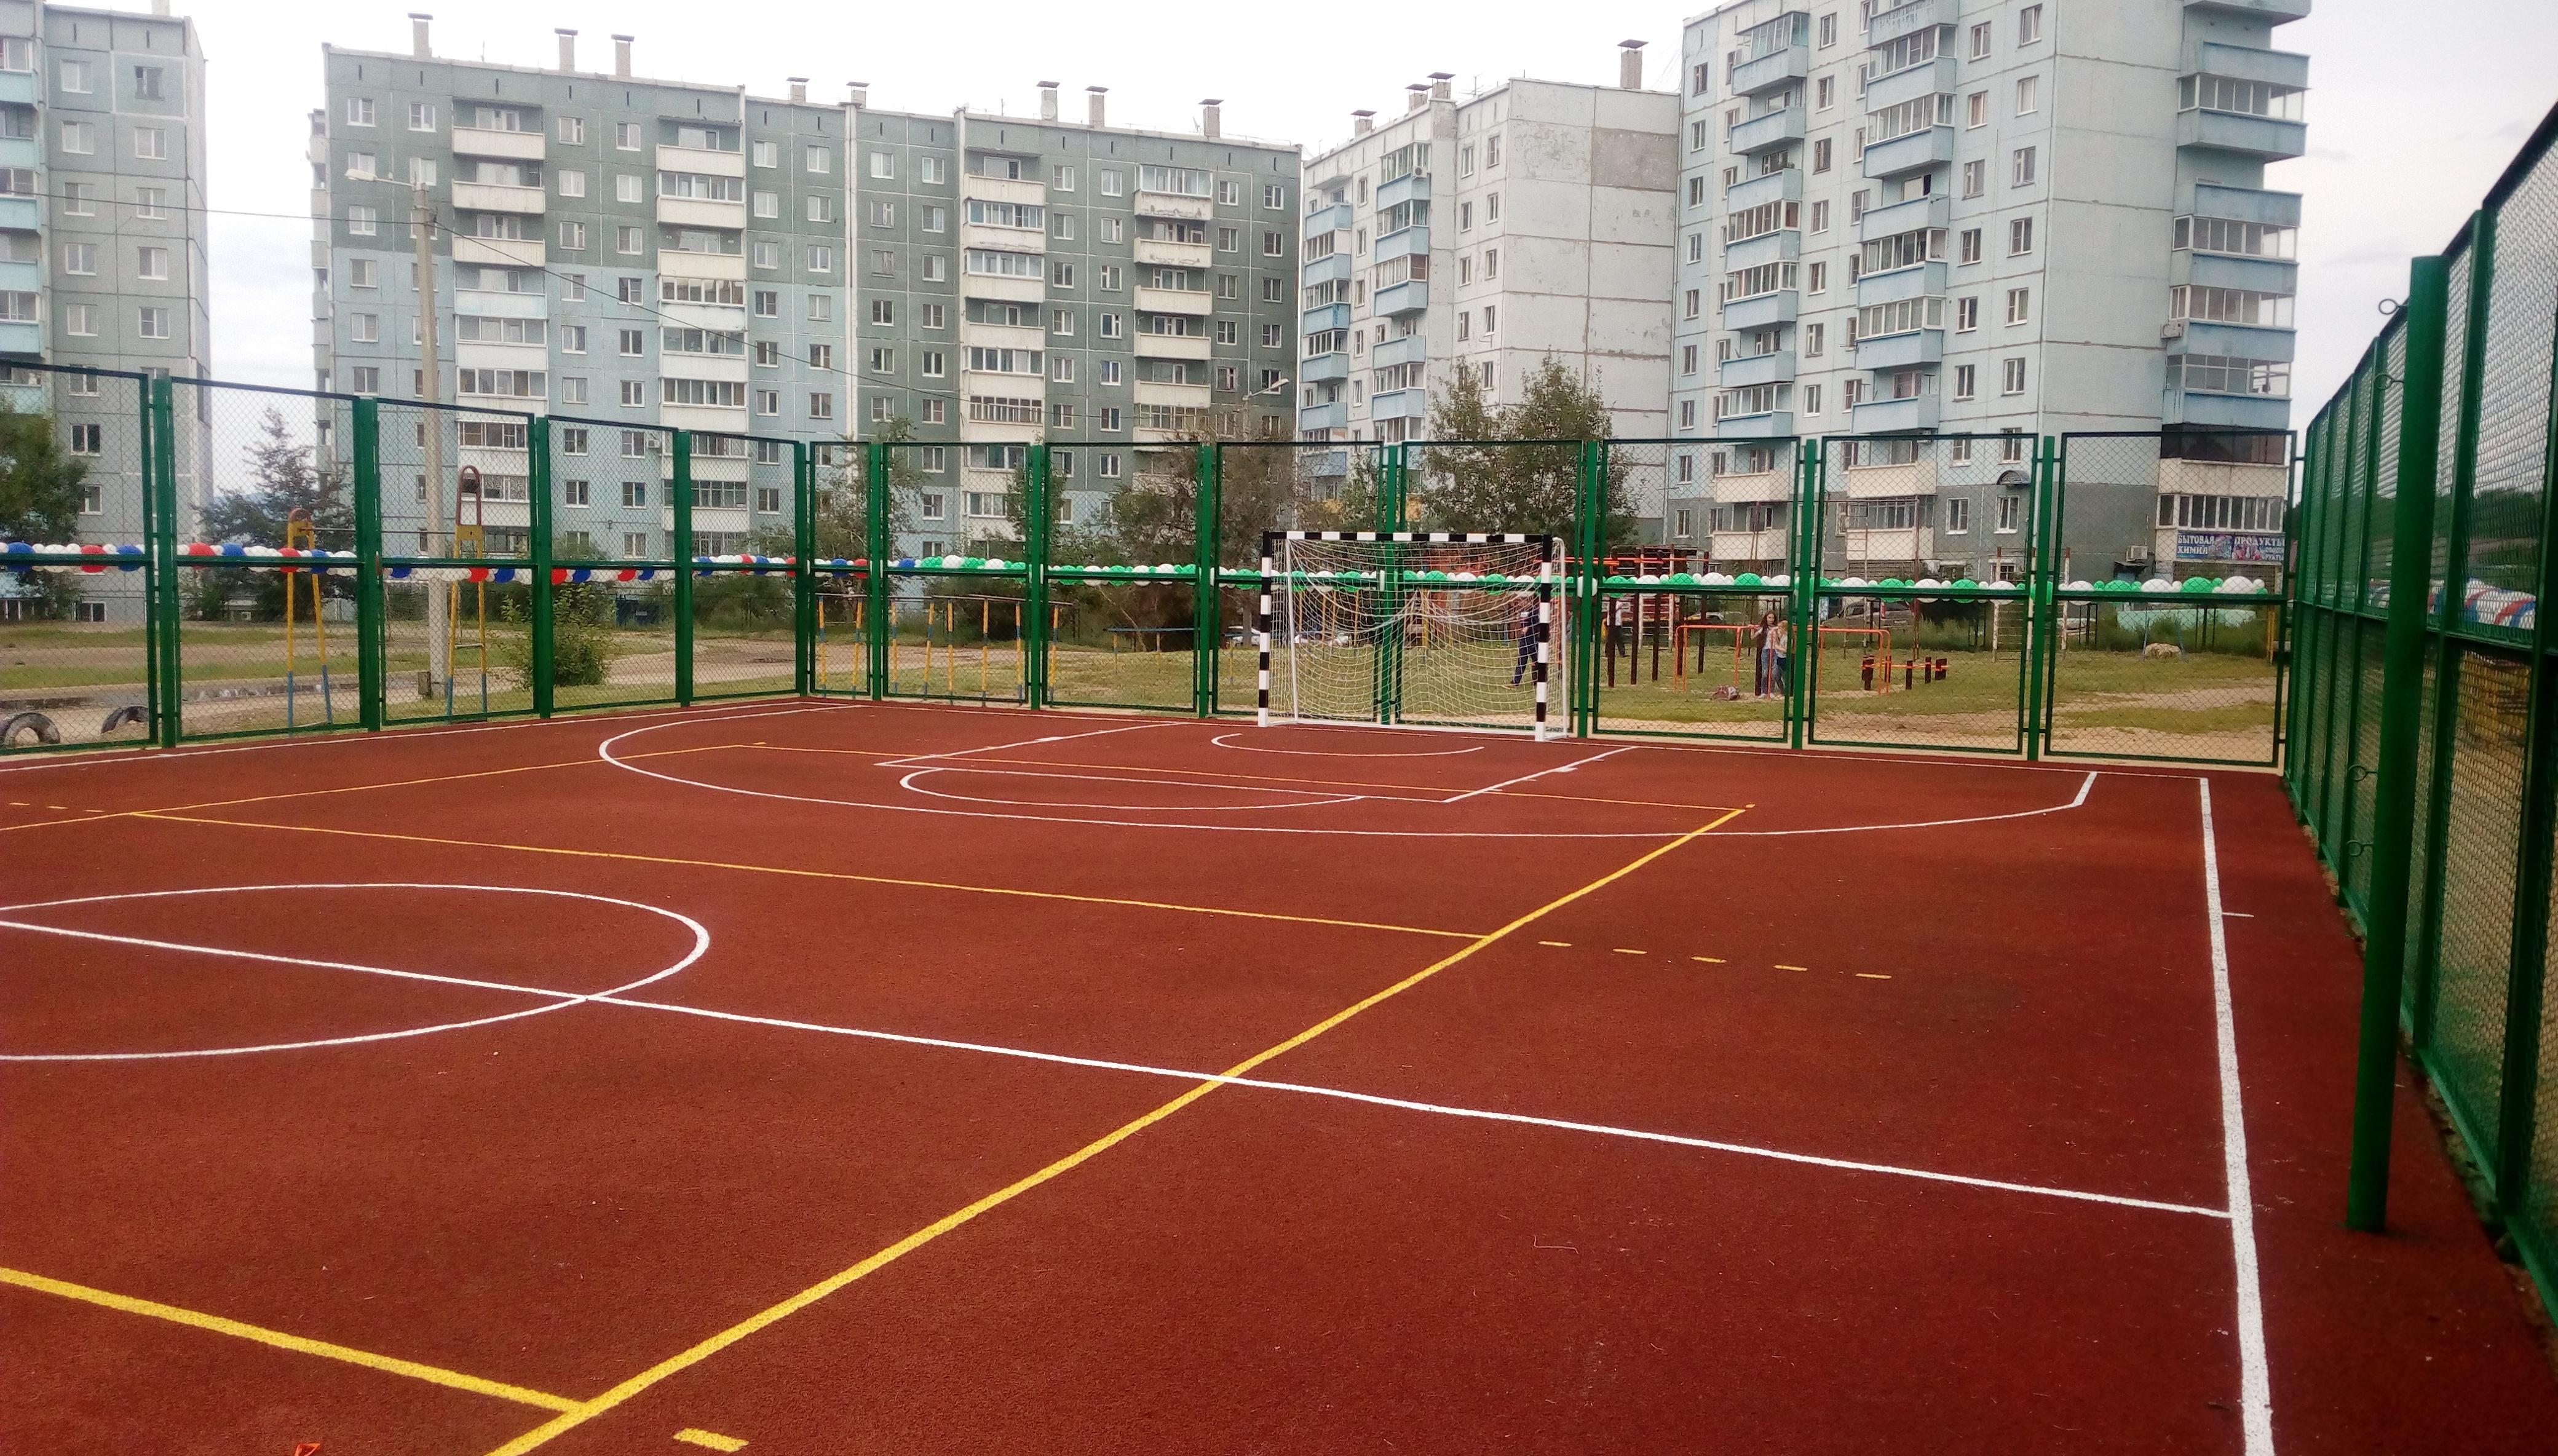 Филонич: Новая спортплощадка в школе №27 будет доступна для всех жителей мкр Северный